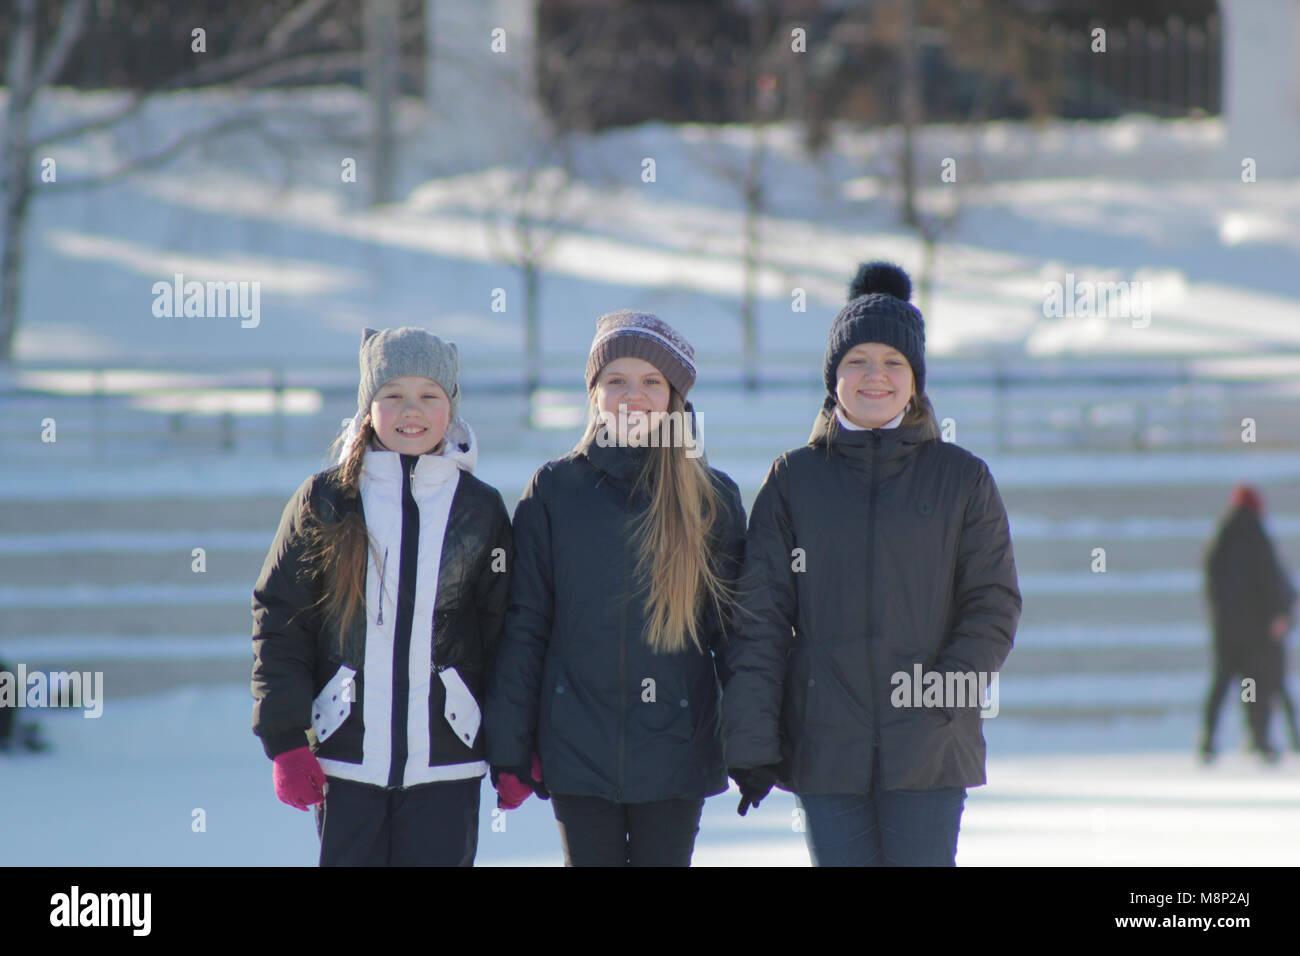 Retrato de tres chicas adolescentes vistiendo gorros de invierno en invierno  fuera Imagen De Stock 225d1c65940